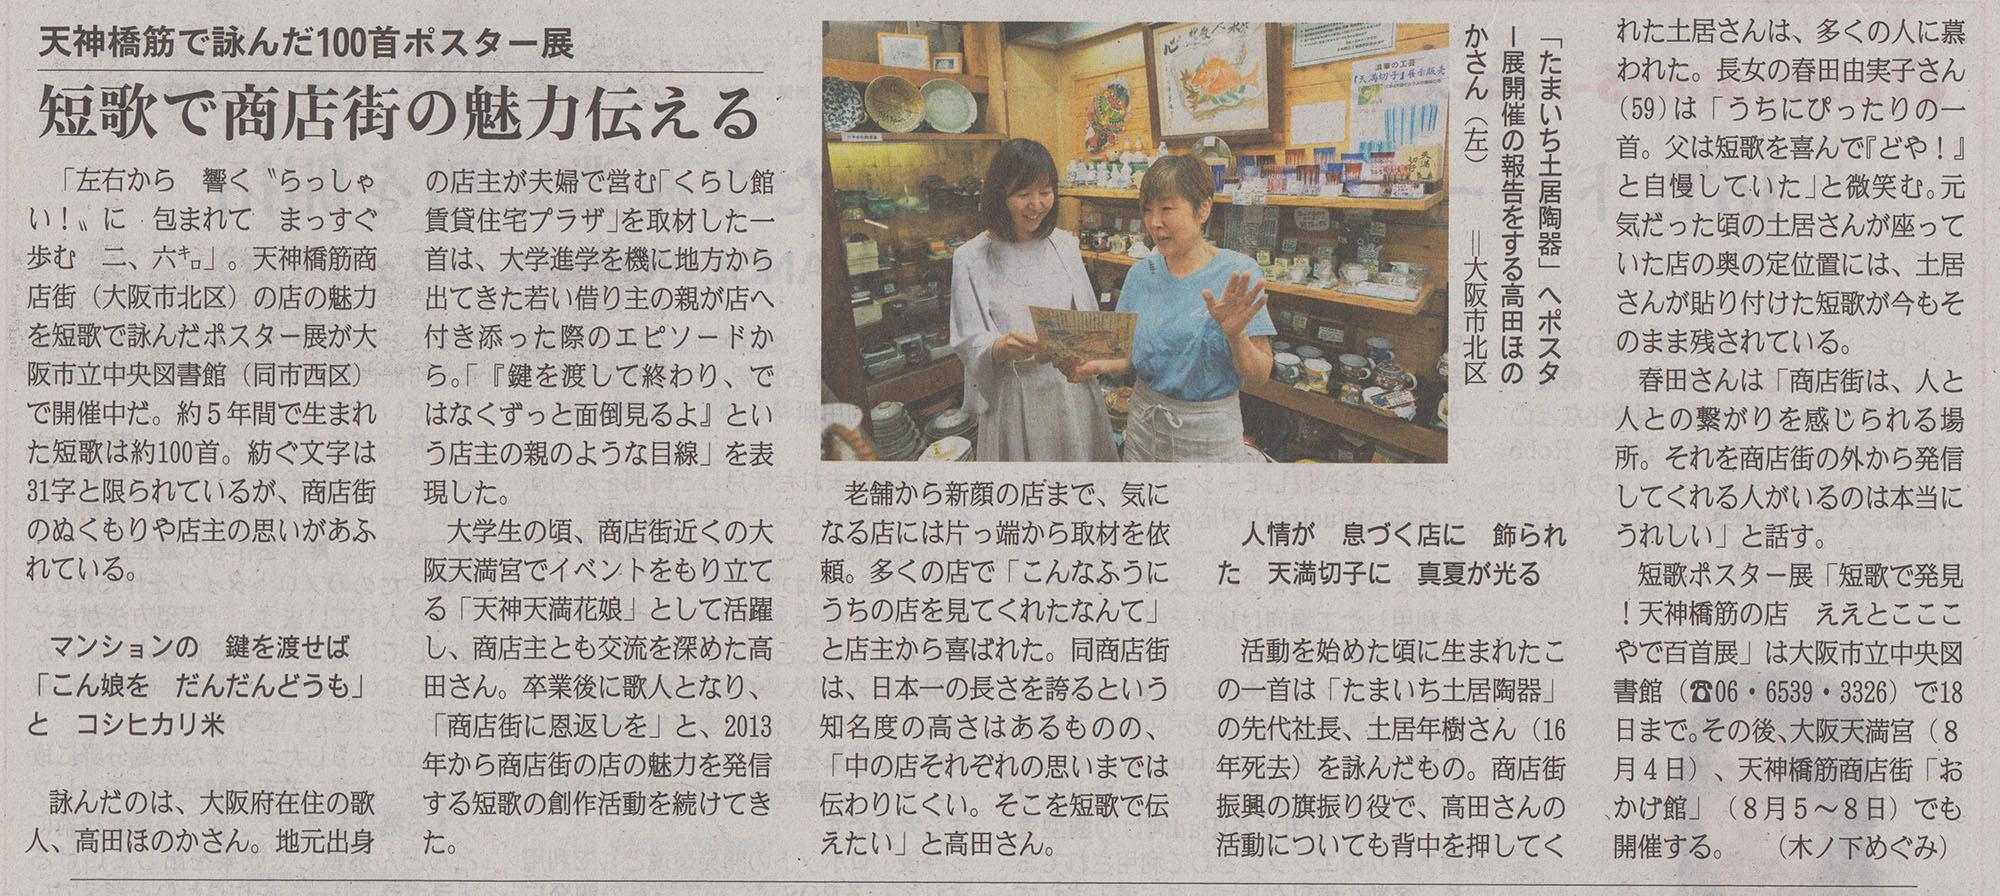 2018年7月 産経新聞、フジサンケイビジネスアイに天神橋筋の短歌100首のことを取り上げていただきました